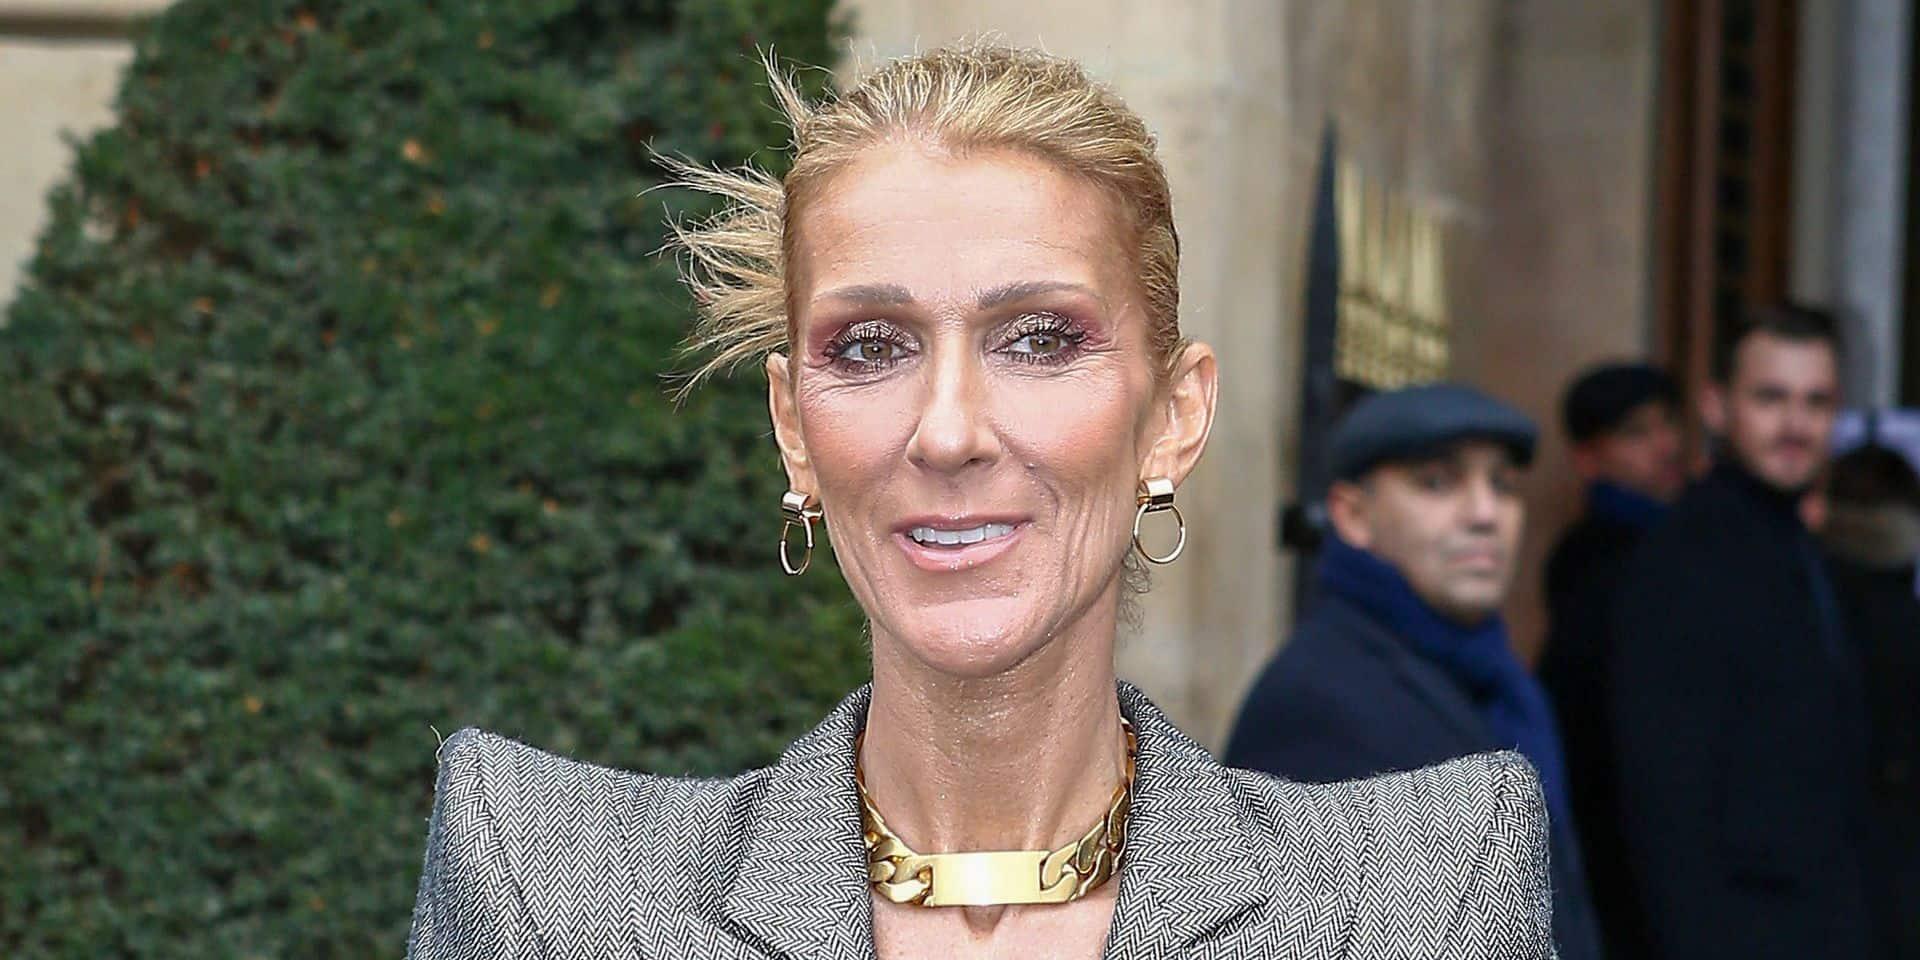 Mécano chic, annonce mystère et égérie L'Oréal : la folle journée de Céline Dion